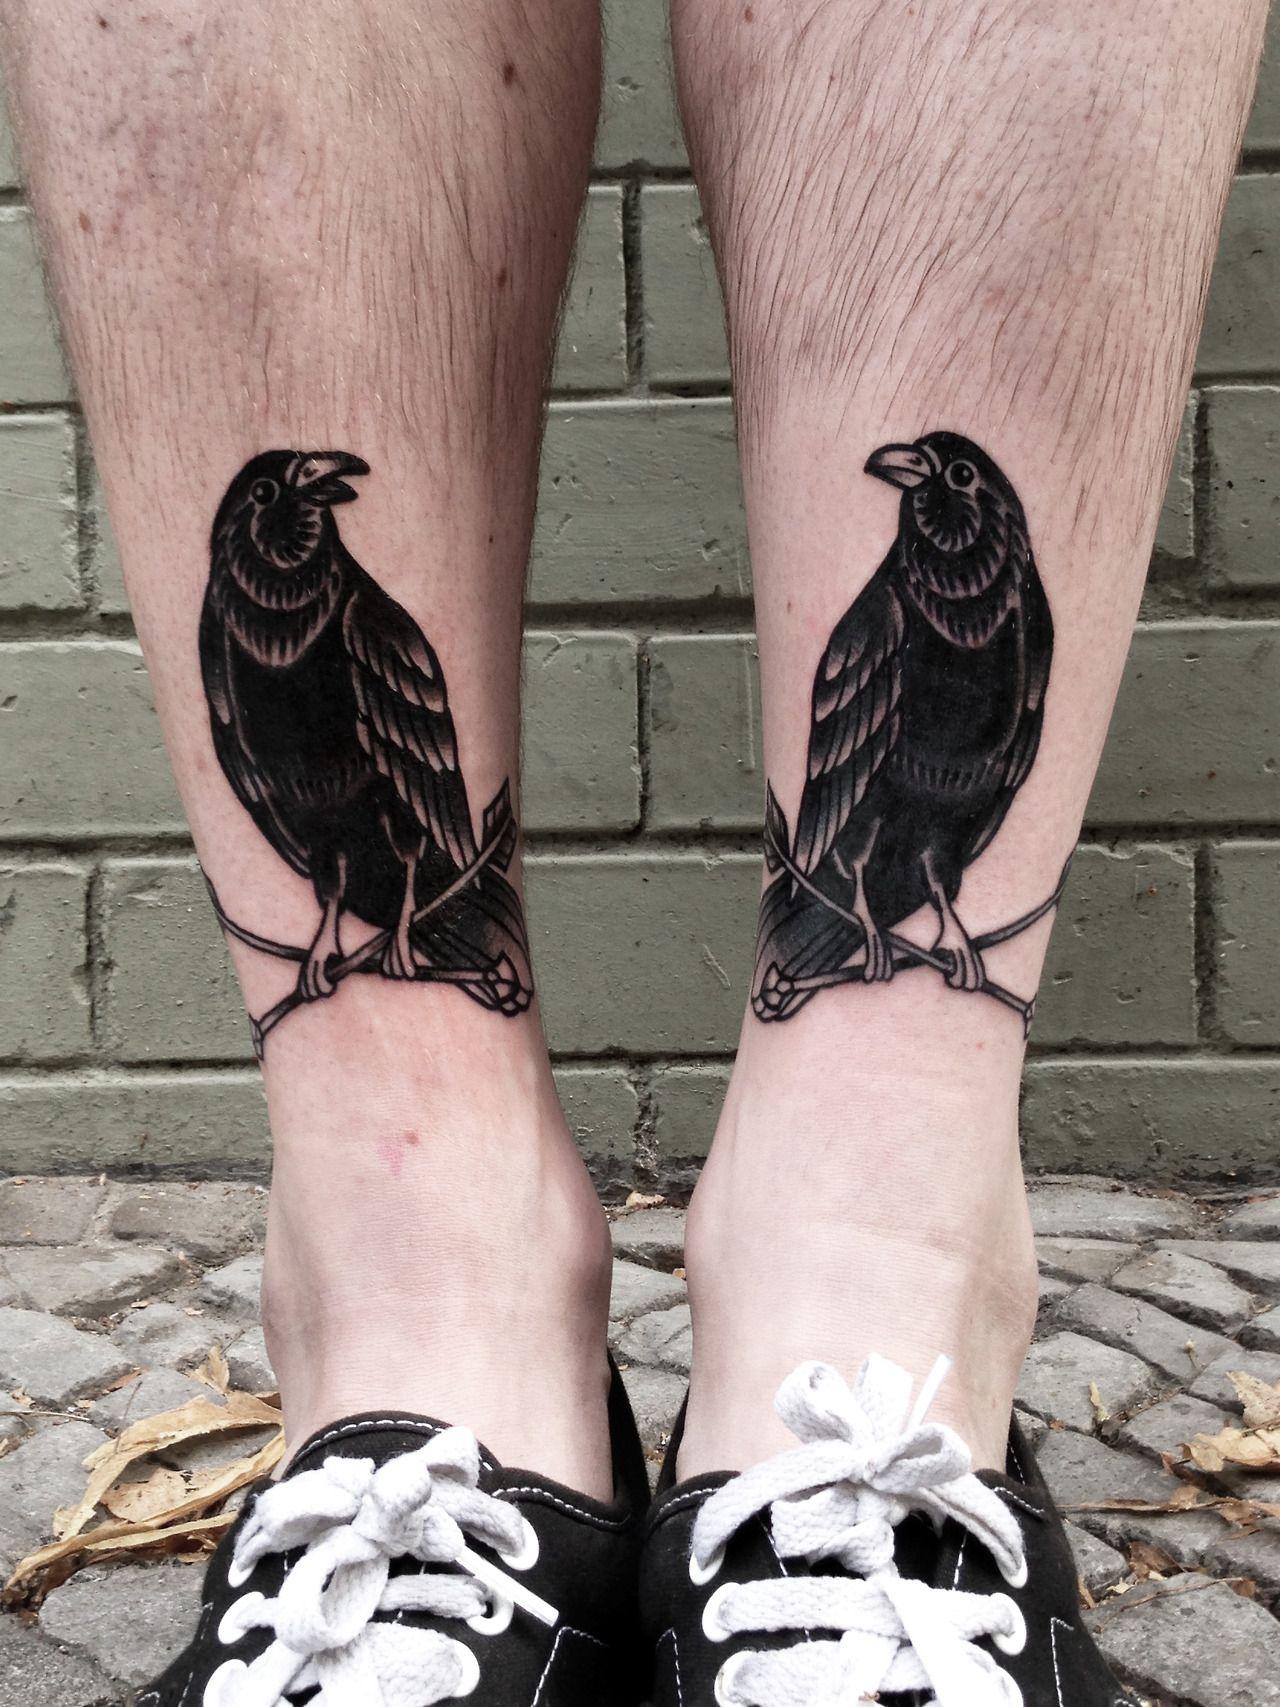 Philippe Fernandez Http Philippefernandez Tumblr Com Tatuagens Na Perna Masculinas Desenhos Tatuagem No Tornozelo Jovens Tatuados